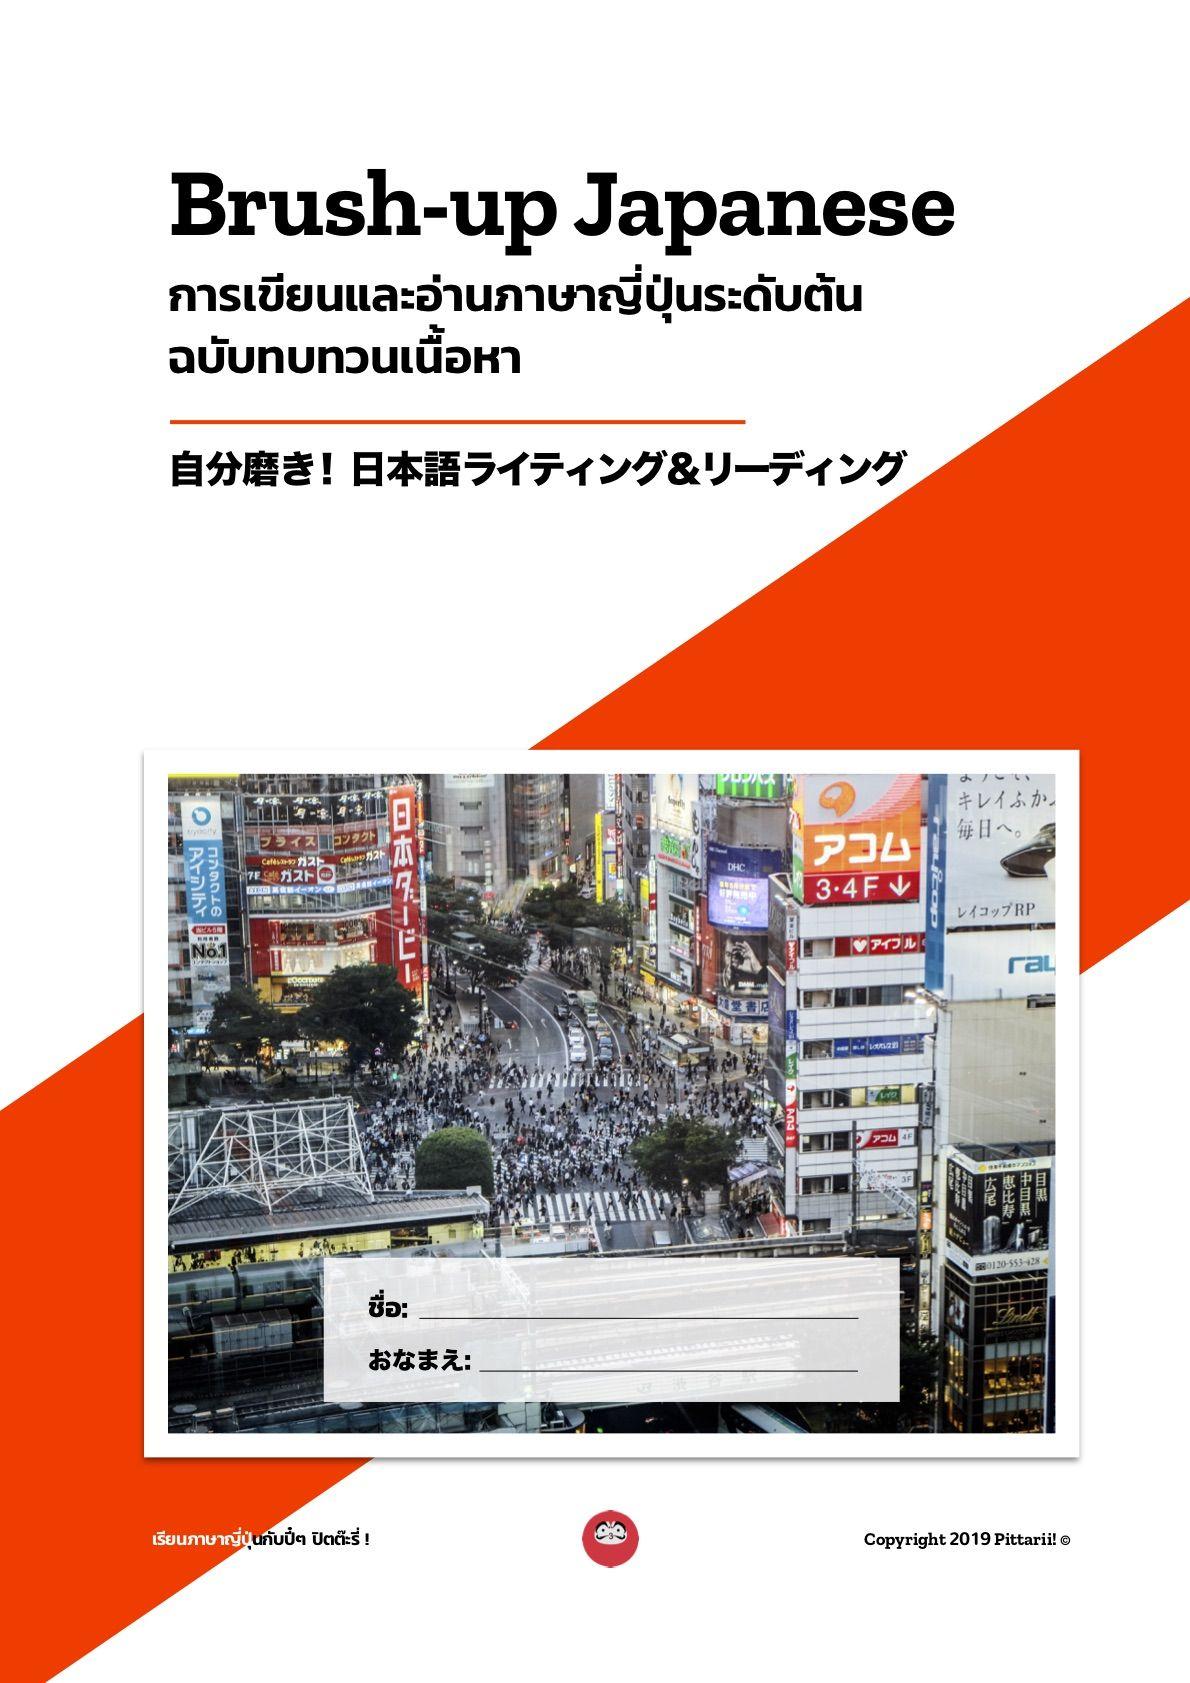 Brush-up Japanese Course - Pittarii Japanese Language